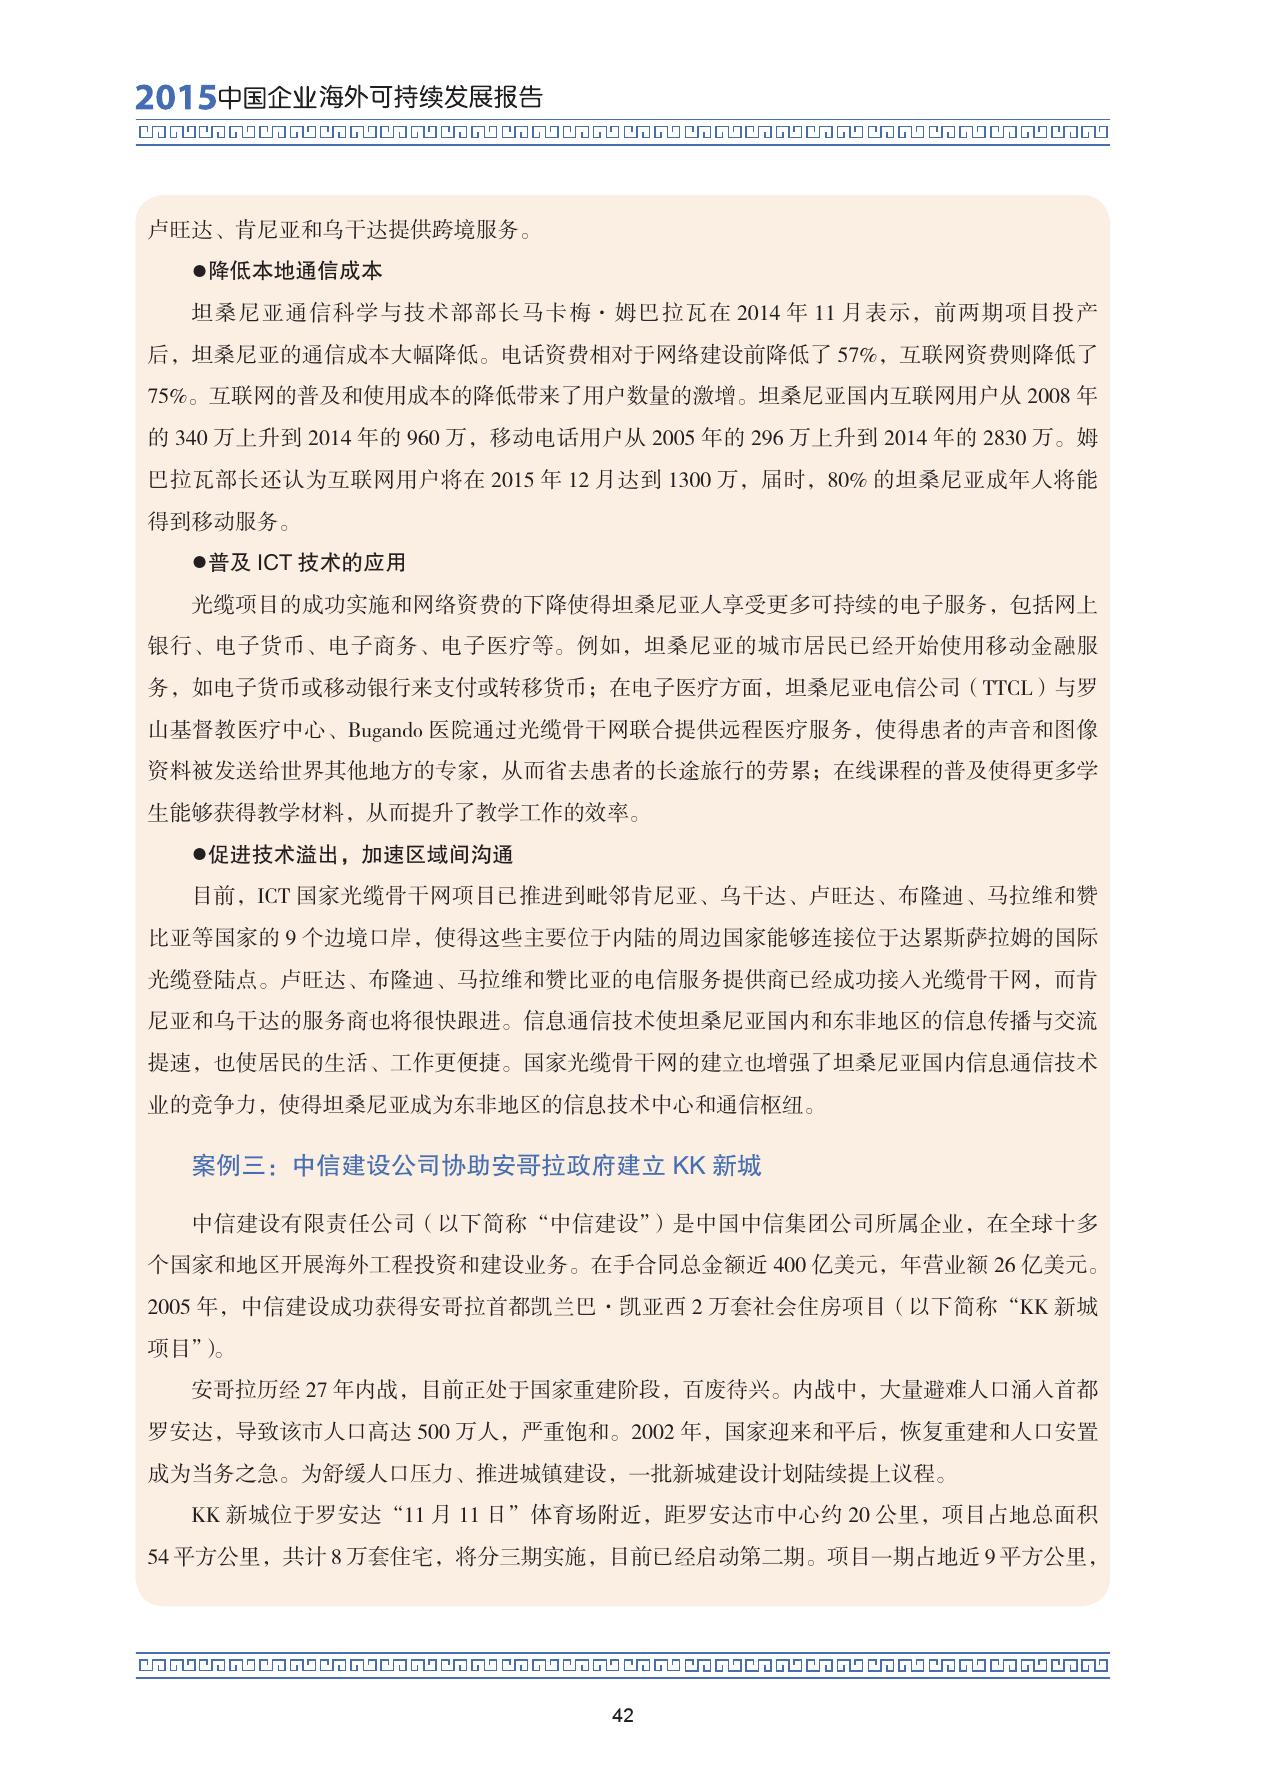 2015中国企业海外可持续发展报告_000056